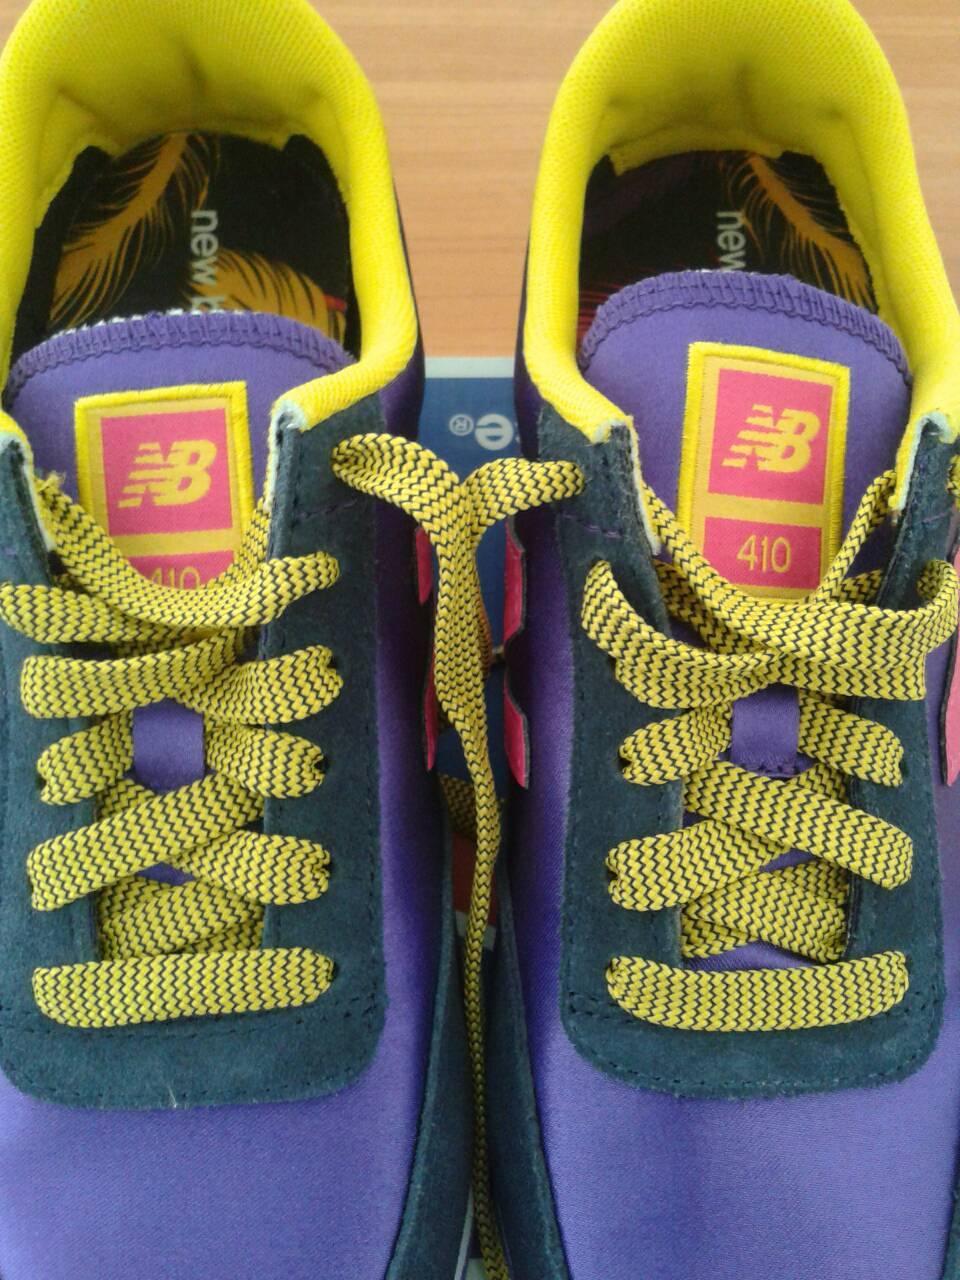 brand new e9d95 d1b87 สั่งรองเท้า newbalanceจาก lazadaมาช่วยดูว่าแท้ไหมครับ - Pantip